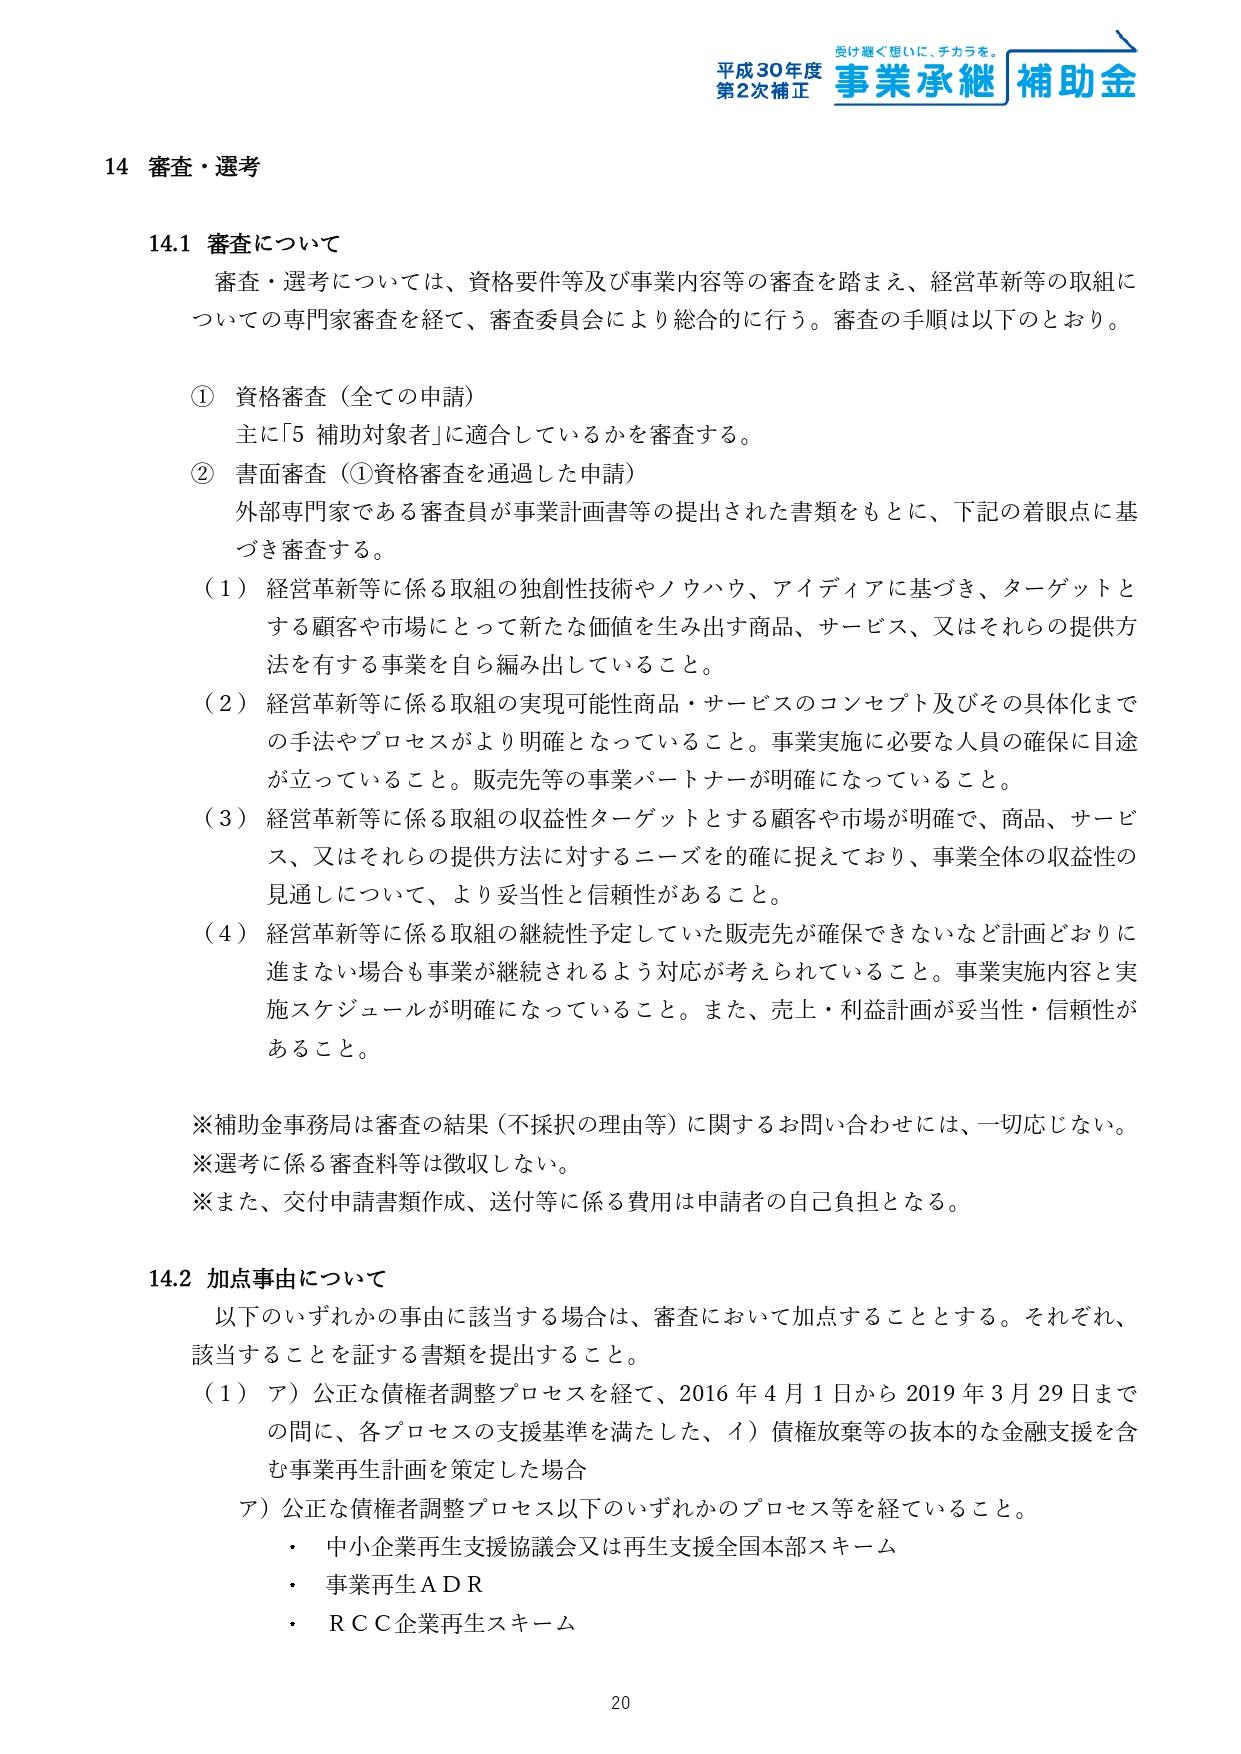 事業承継_h31_補助対象経費_page-0021